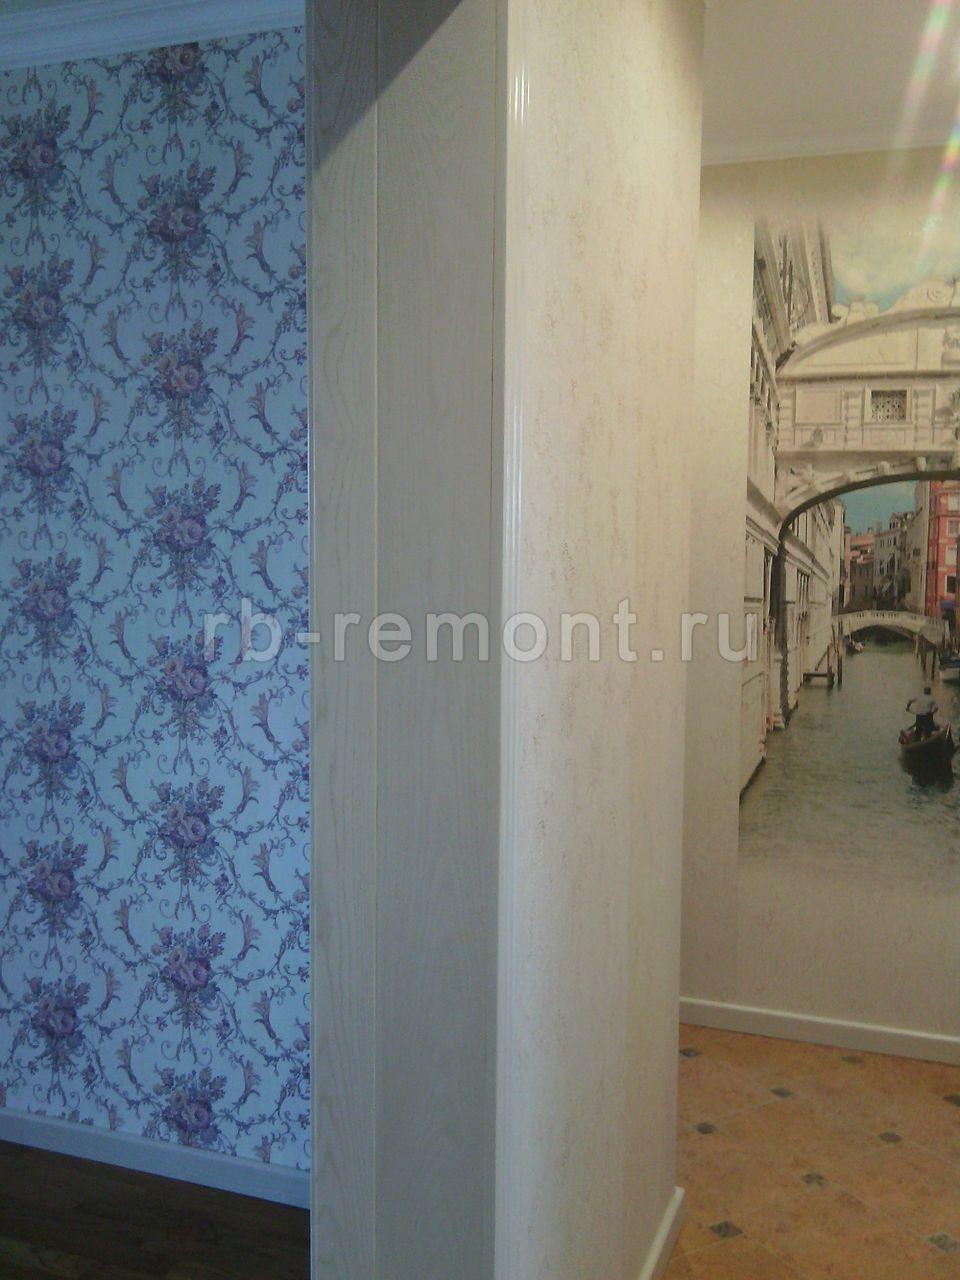 http://www.rb-remont.ru/raboty/photo_/komsomolskaya-125.1-00/img/img_20150709_120817.jpg (бол.)